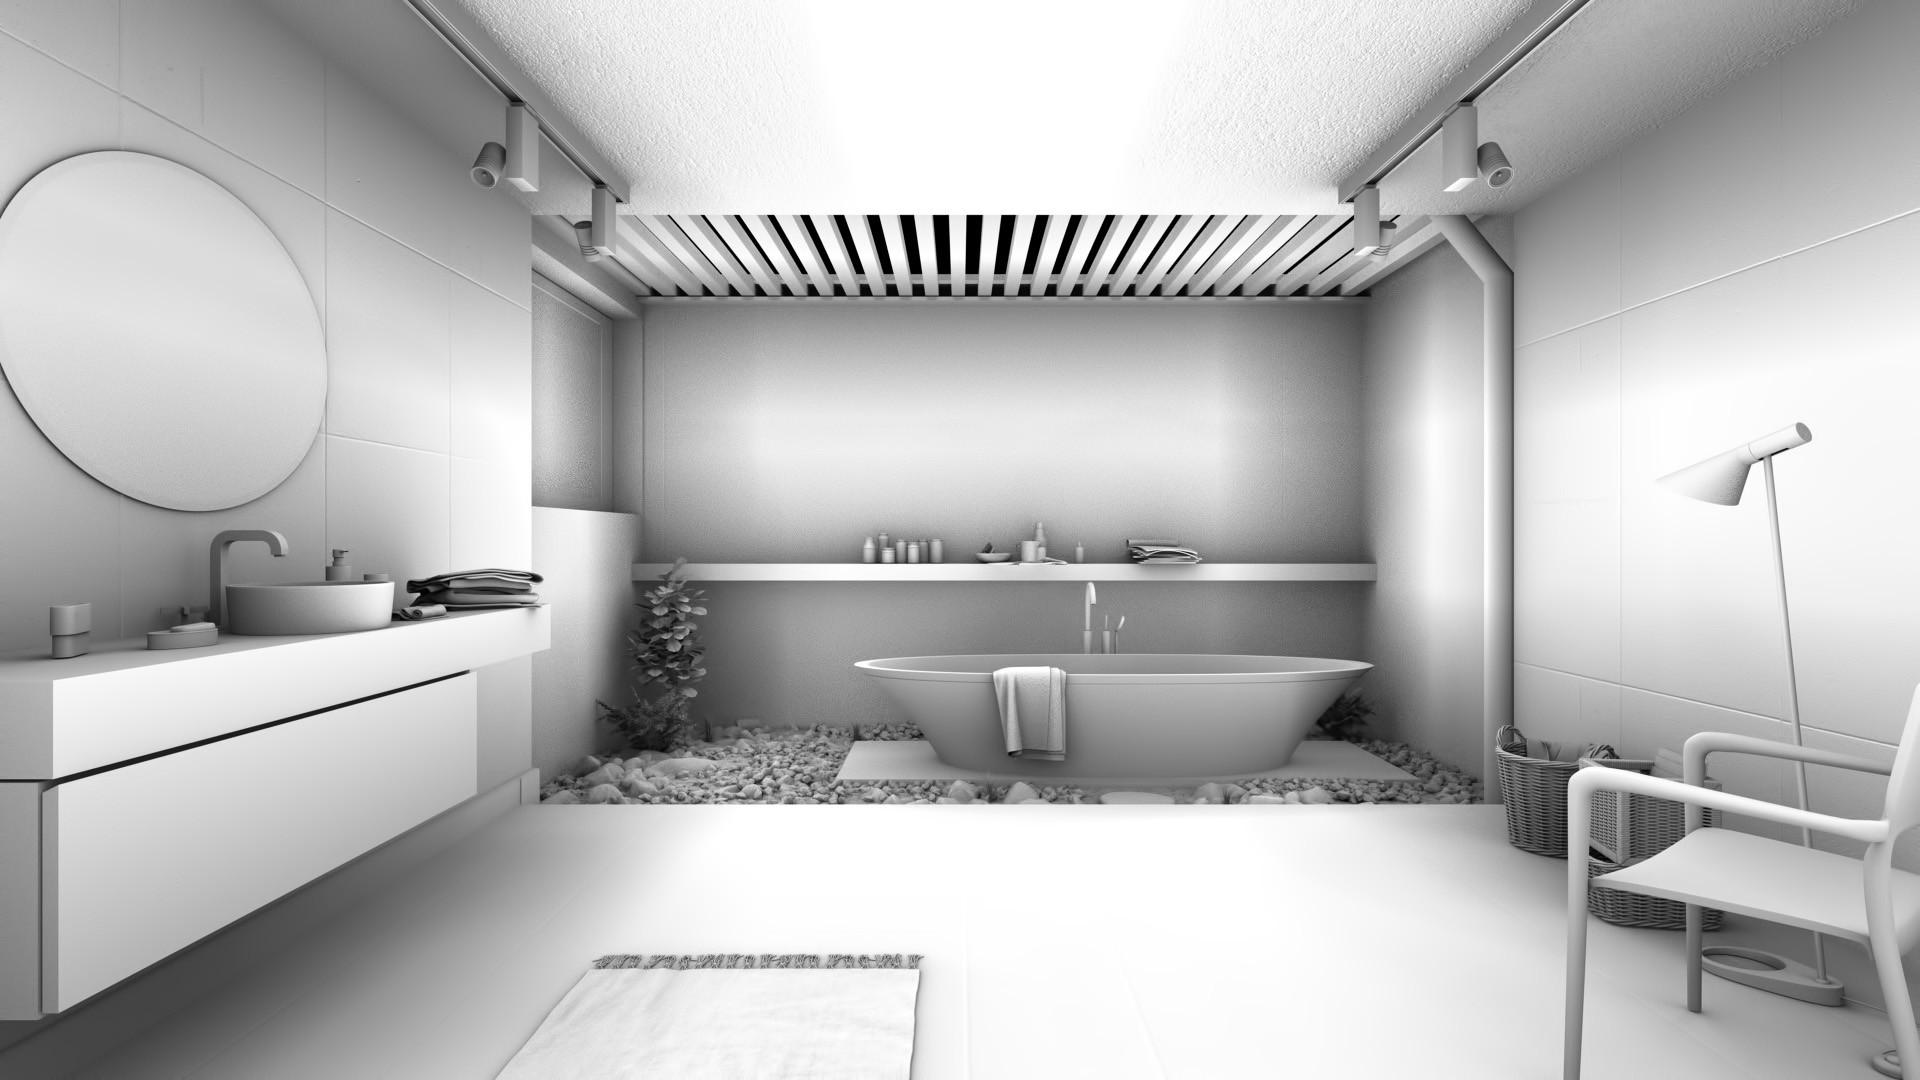 David Baylis Design - Architectural Visualisation - Zen Bathroom